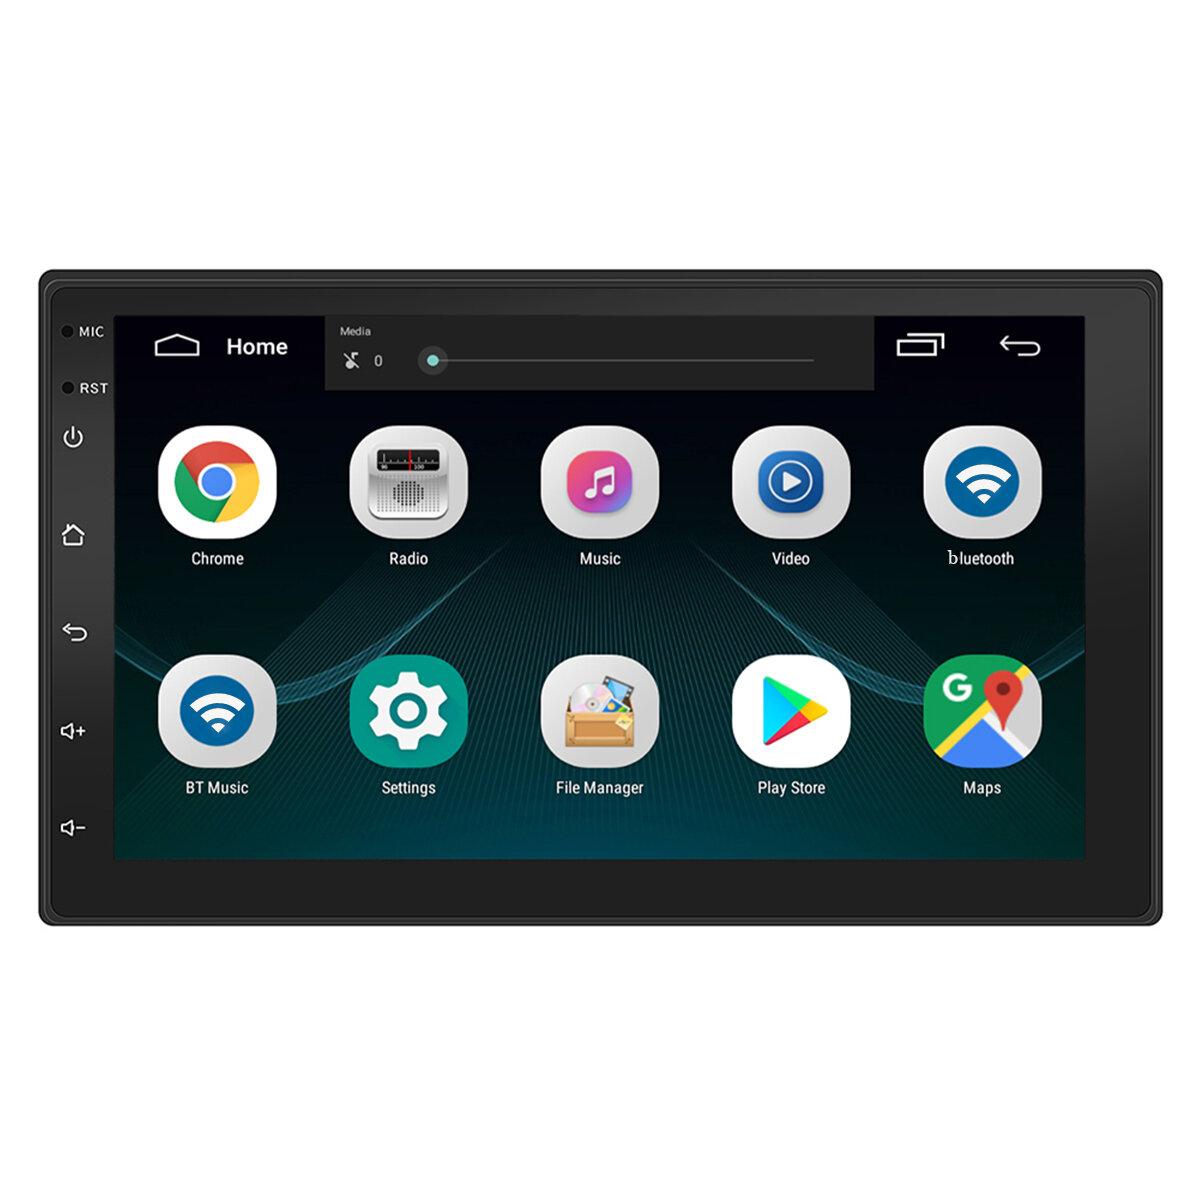 7 Inch 2 Din cho Android 8.1 Radio Radio Auto Auto MP5 Máy nghe nhạc MP3 Bốn nhân 1 + 16G GPS Màn hình cảm ứng bluetooth Wifi FM